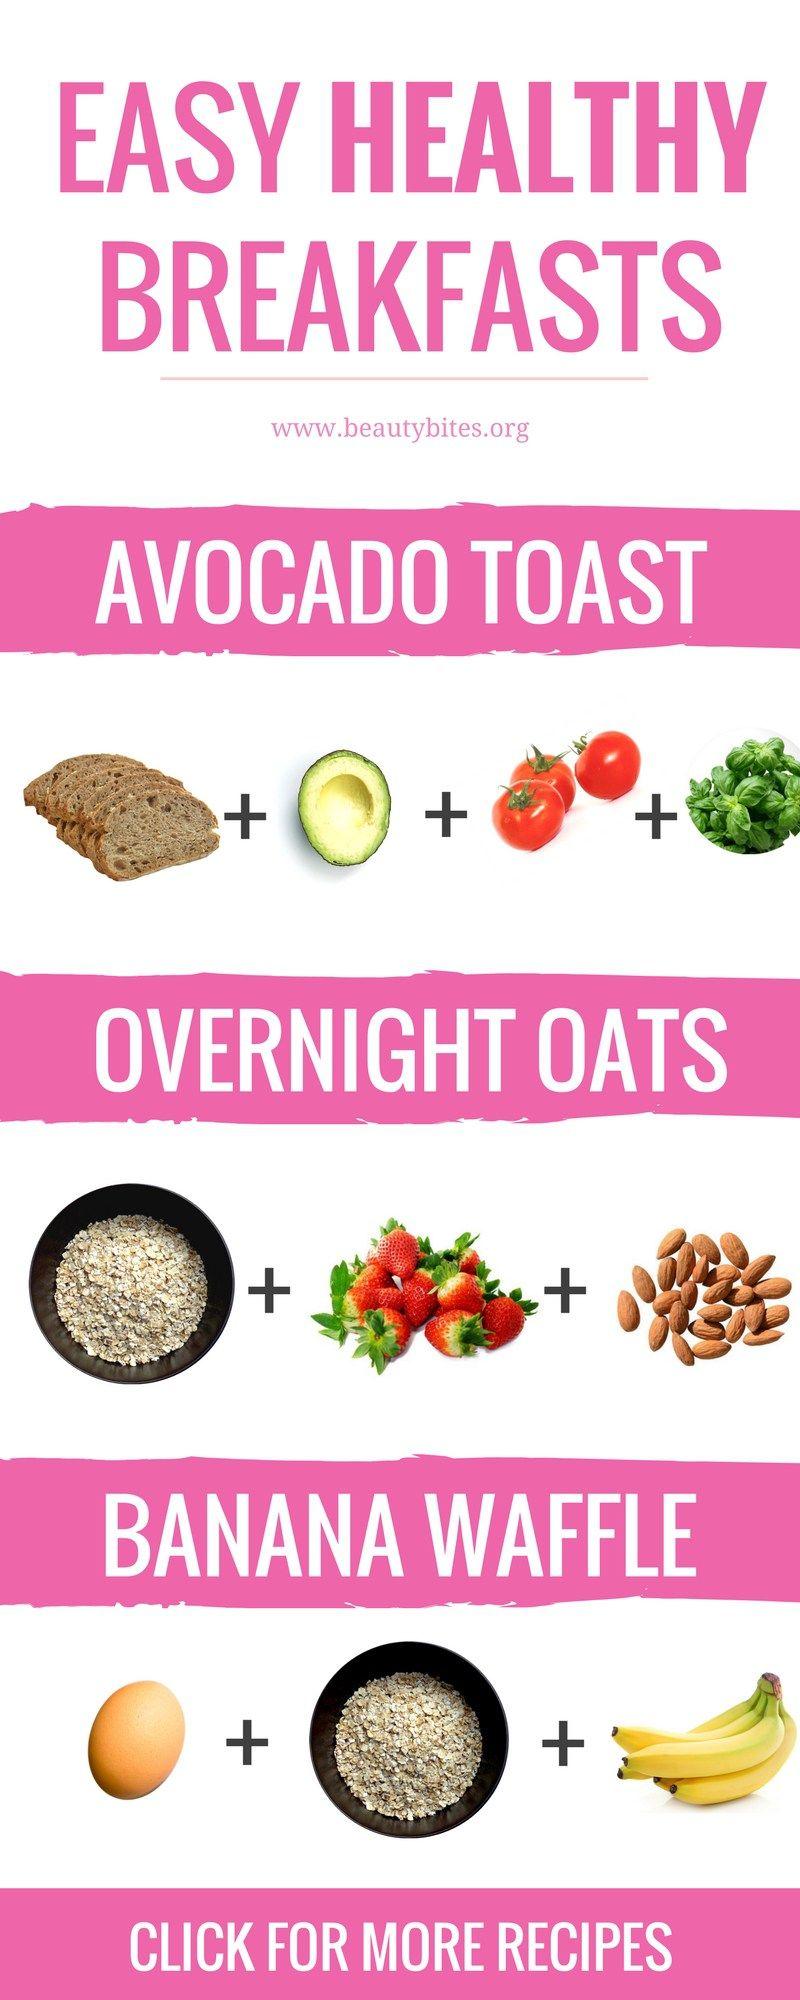 5 Easy Healthy Breakfast Ideas Ready In 5 Minutes Beauty Bites Overnight Oats Rezept Rezepte Abnehmen Abnehmen